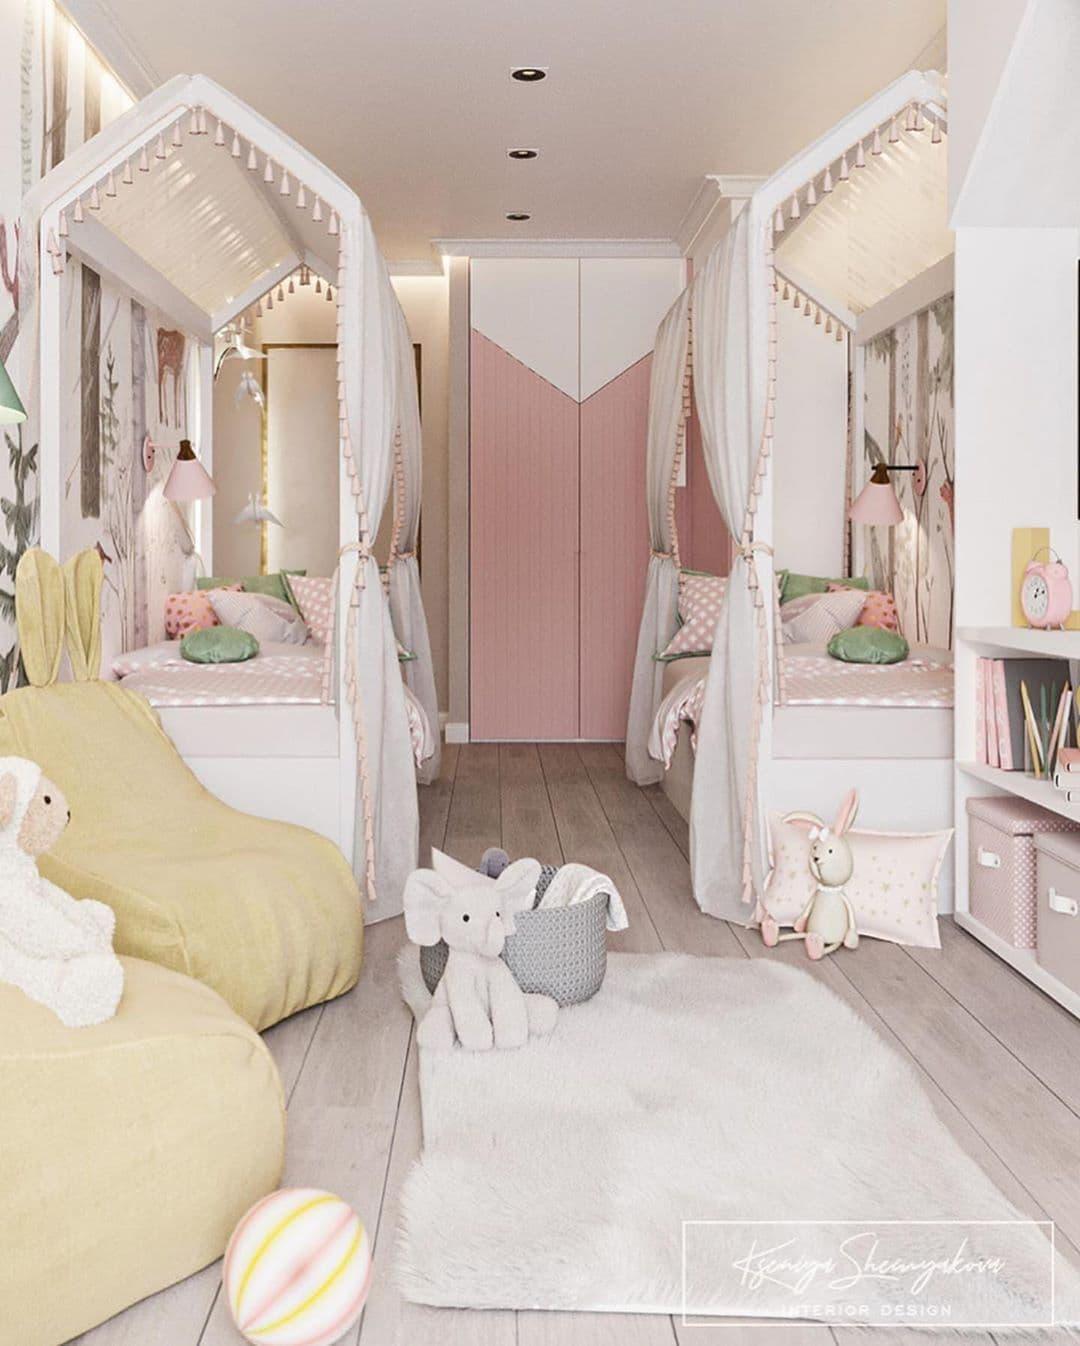 Дизайнерский интерьер детской комнаты для двух девочек 3